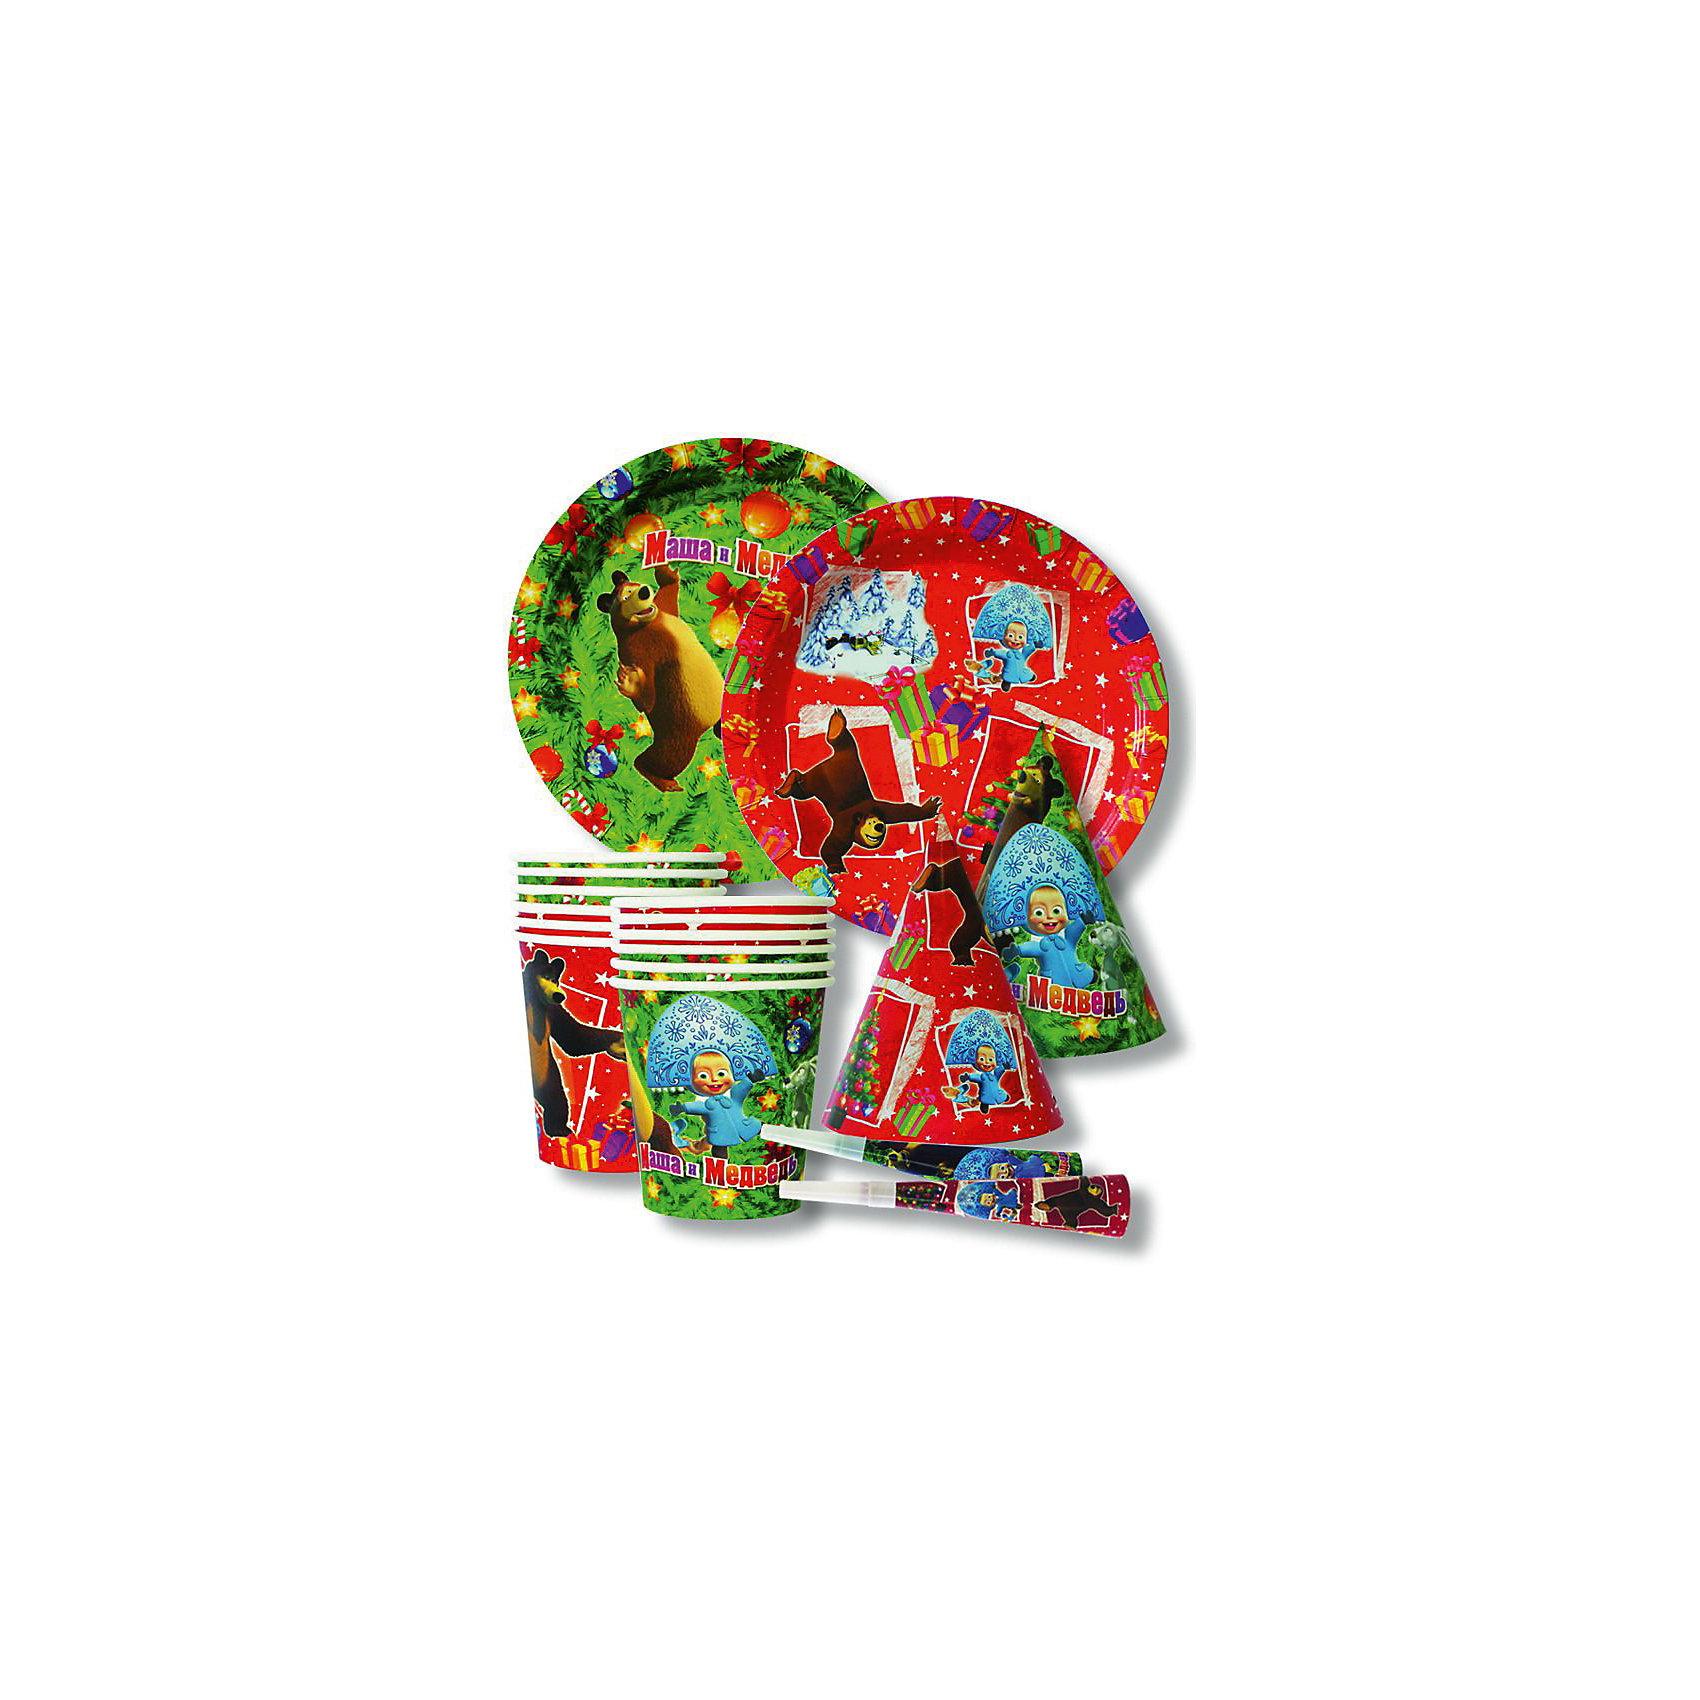 Набор Новый Год! на 6 персон (в ассортименте), Маша и медведьНабор Новый Год! на 6 персон, Маша и медведь замечательно подойдет для детского праздника и поможет создать веселую новогоднюю атмосферу. Красочный комплект выполнен по мотивам популярного отечественного мультсериала Маша и медведь и украшен изображениями его персонажей. Благодаря глянцевому ламинированному покрытию посуда отлично удерживает еду и напитки, не промокает, не протекает и надолго сохраняет опрятный внешний вид. Этот красочный набор станет великолепным дополнением к торжеству, ведь в нем не только посуда, но и предметы для веселых забав. Комплект рассчитан на 6 персон и включает в себя 24 предмета: 6 тарелок, 6 стаканов, 6 бумажных колпачков и  6 бумажных дудочек. В ассортименте представлены два варианта дизайна.<br><br>Дополнительная информация:<br><br>- В комплекте:  6 тарелок (диаметр - 18 см.), 6 стаканов (объем -  210 мл.), 6 бумажных колпачков (15 см.), 6 бумажных дудочек (20 см.).<br>- Материал: картон, пластик.<br>- Размер упаковки: 25 х 28 х 10,5 см.<br>- Вес: 170 гр.<br><br>ВНИМАНИЕ! Данный артикул имеется в наличии в разных вариантах исполнения. Заранее выбрать определенный вариант нельзя. При заказе нескольких наборов возможно получение одинаковых. <br><br>Набор Новый Год! на 6 персон, Маша и медведь, можно купить в нашем интернет-магазине.<br><br>Ширина мм: 310<br>Глубина мм: 250<br>Высота мм: 80<br>Вес г: 170<br>Возраст от месяцев: 36<br>Возраст до месяцев: 96<br>Пол: Унисекс<br>Возраст: Детский<br>SKU: 3907721